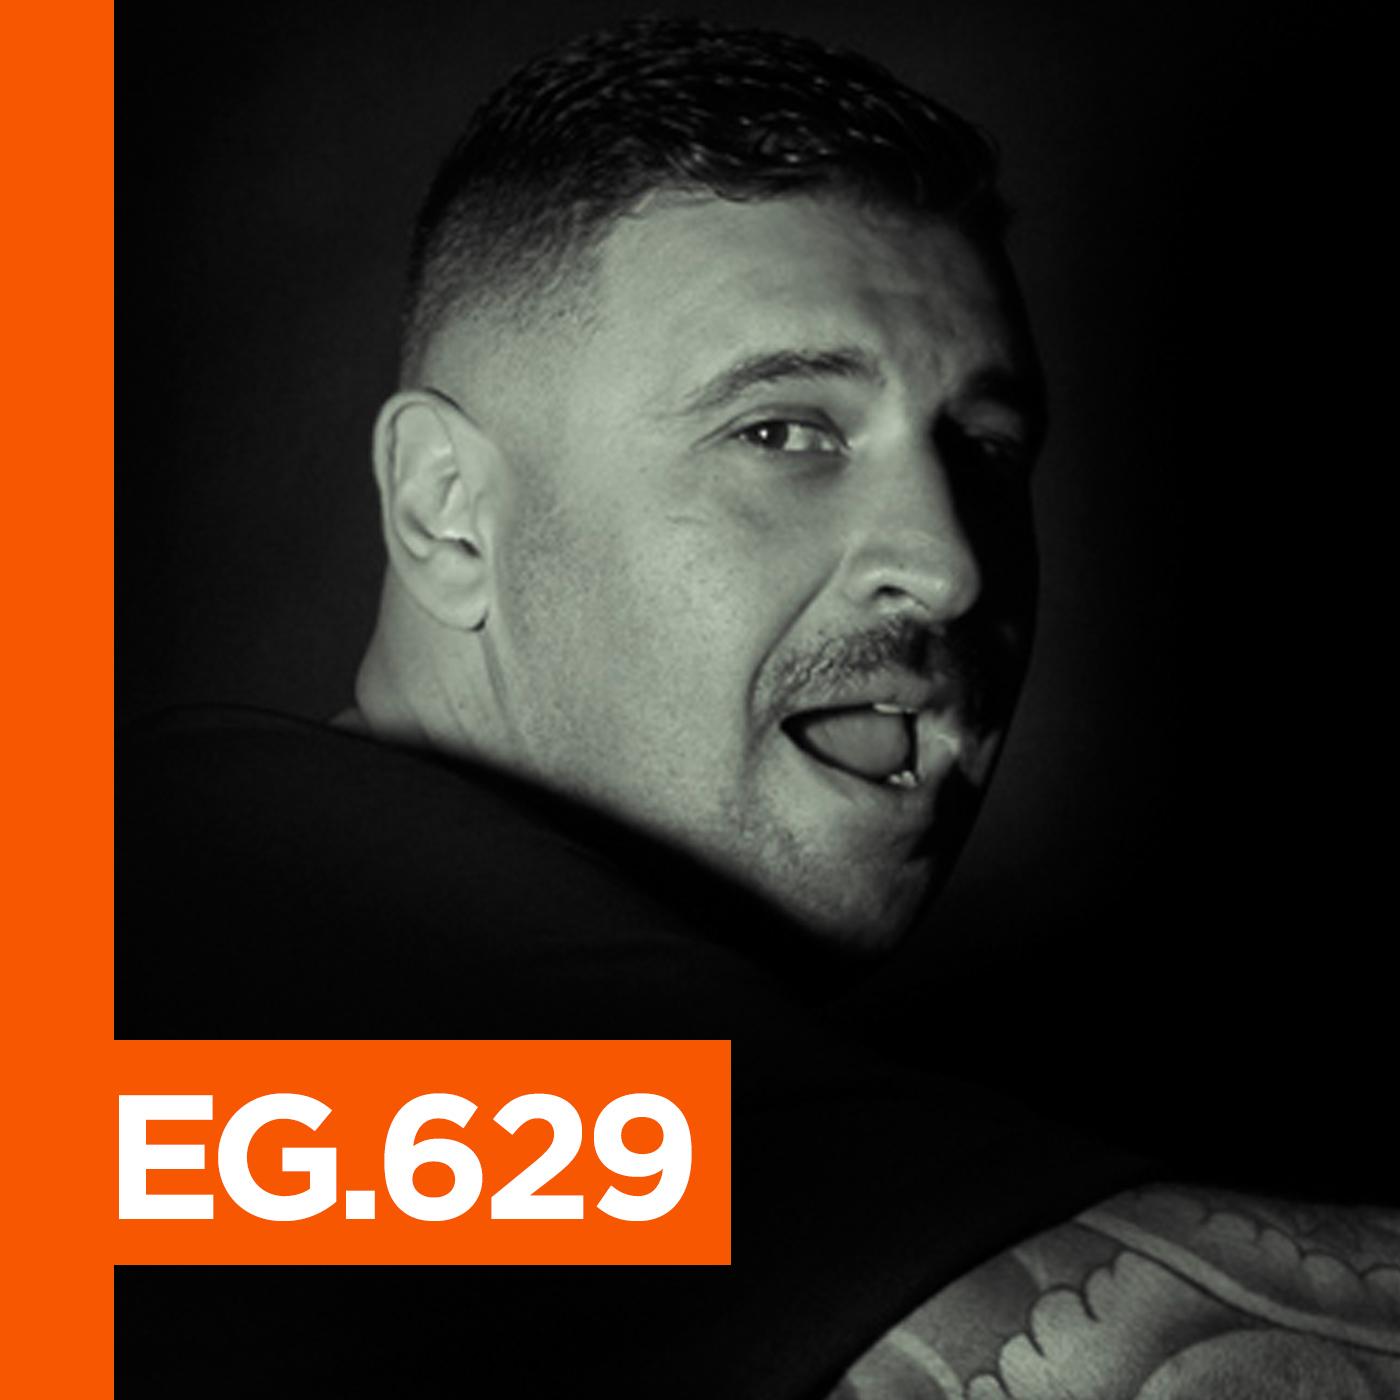 EG.629 Javier Carballo